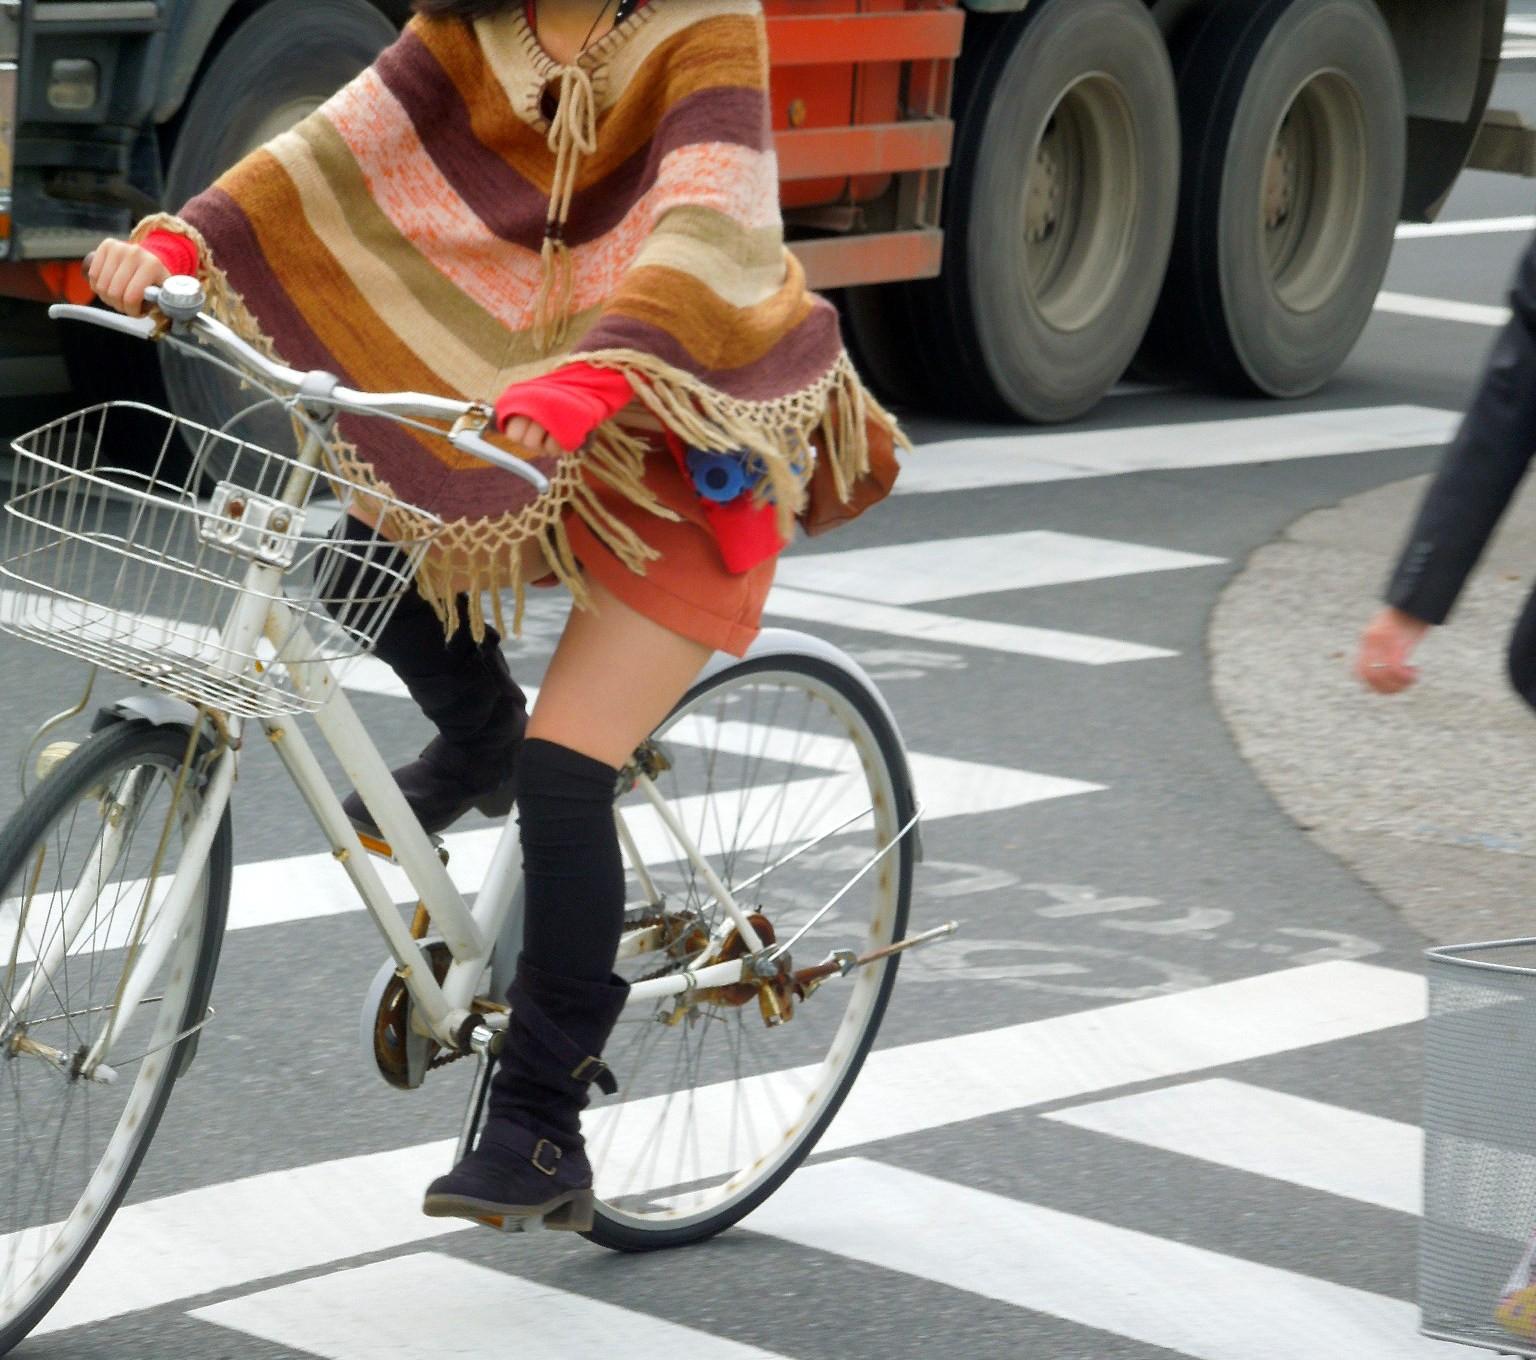 女の子は自転車乗ってるだけでエロいwwwオナニー捗るオカズ画像www 1229